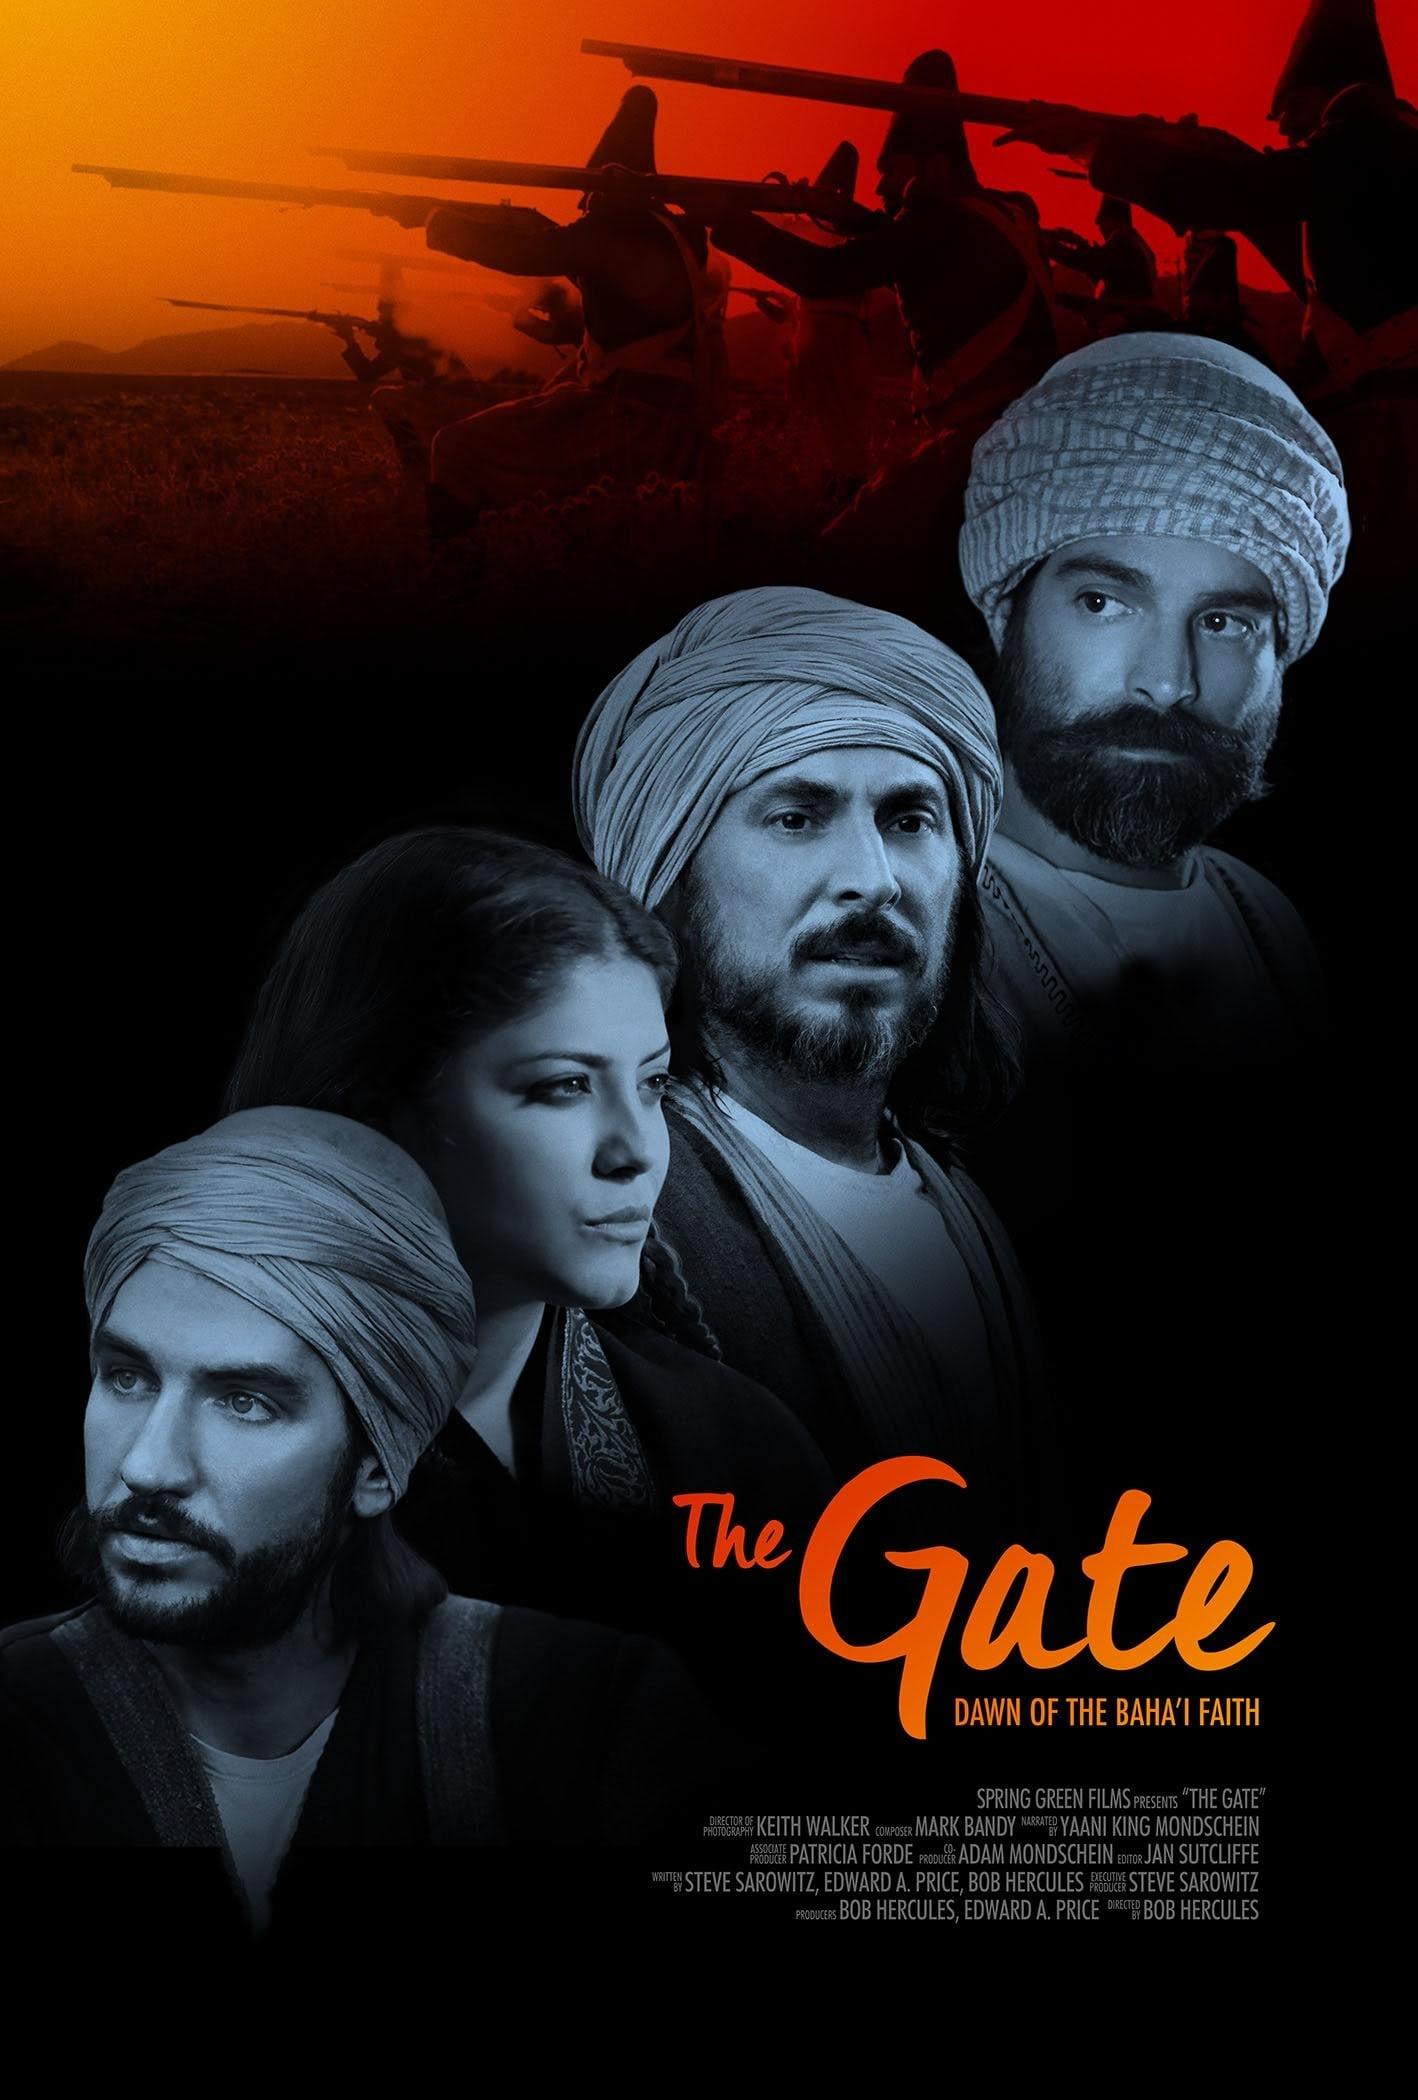 The Gate: Dawn of the Bahá'í Faith